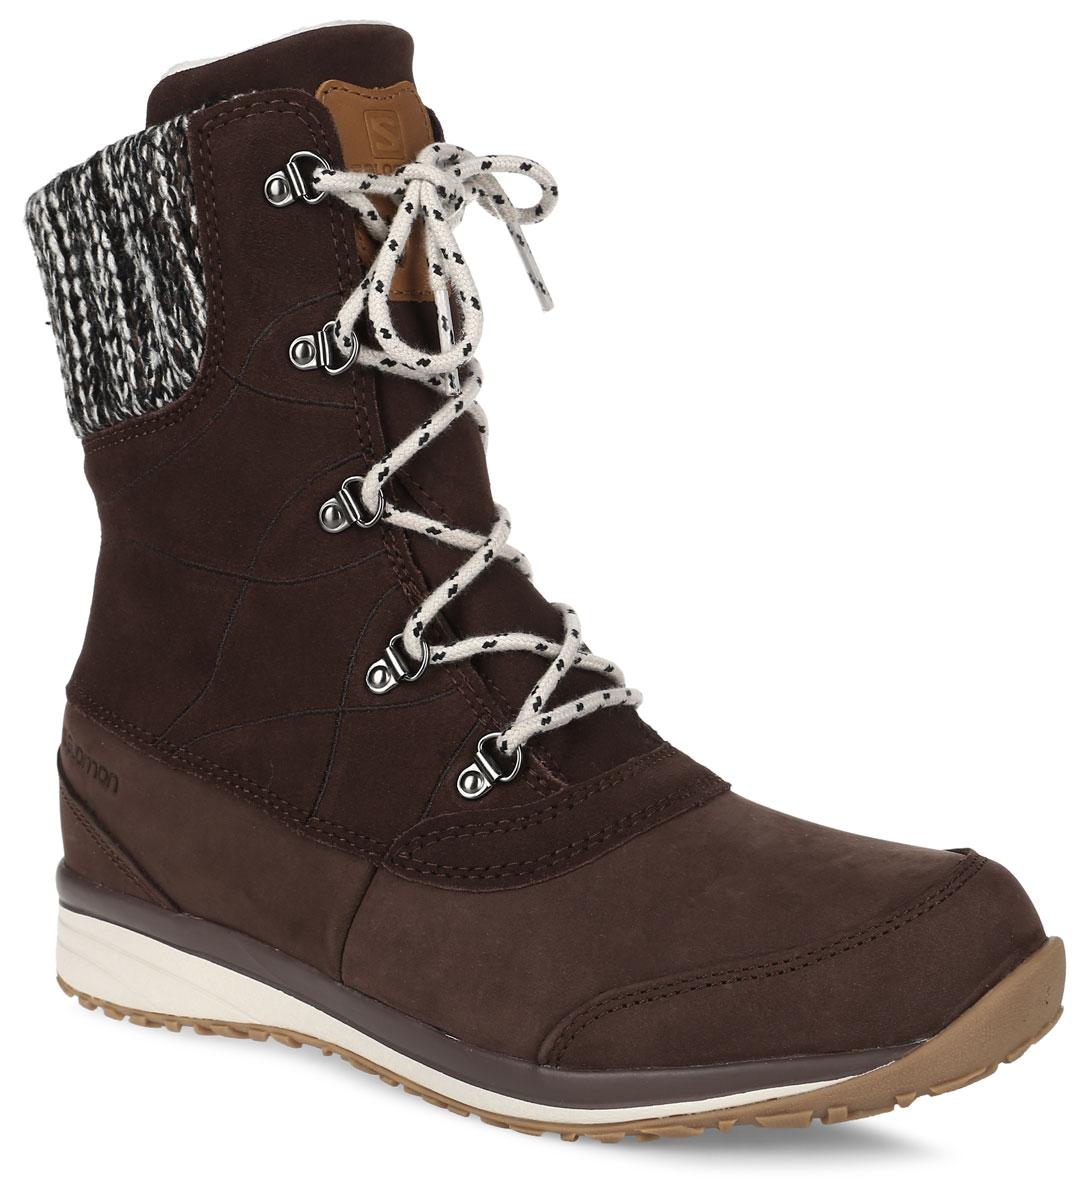 БотинкиL37650100Стильные утепленные ботинки Salomon Hime Mid LTR выполнены из натуральной кожи. Язычок оформлен кожаной нашивкой с тиснением в виде названия и логотипа бренда. Верх модели дополнен шерстяной кромкой. Технология ClimaShield - идеальный баланс защиты от влаги и вентиляции, нужная бегунам защита в сочетании с низким весом, способностью дышать и быстро сохнуть. Классическая шнуровка позволяет оптимально зафиксировать модель на ноге. Эргономичная стелька с прослойкой ЭВА для амортизации и комфорта. Промежуточная подошва EVA обеспечивает дополнительную амортизацию. Не оставляющая следов подошва Winter Contagrip обеспечивает оптимальное сцепление на разных поверхностях и состоит из идеального сочетания специальных резин Ice Grip. В таких ботинках вашим ногам будет комфортно и уютно.